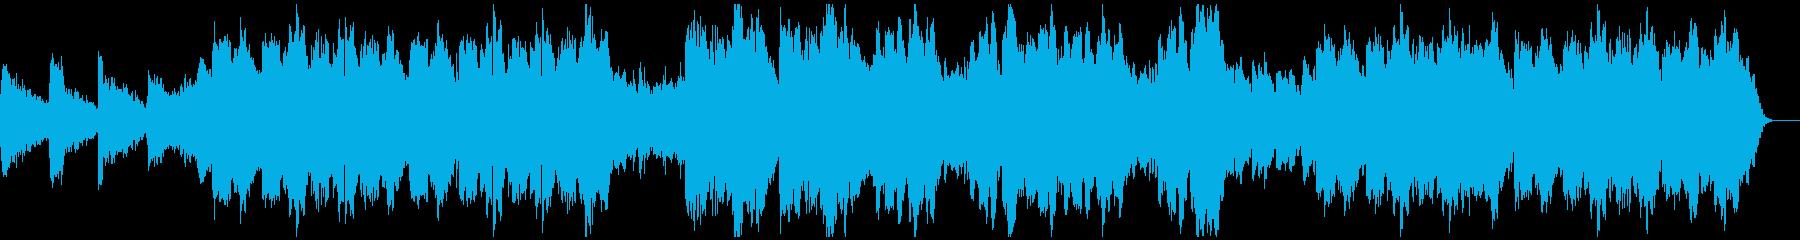 東南アジア風リラクゼーションミュージックの再生済みの波形